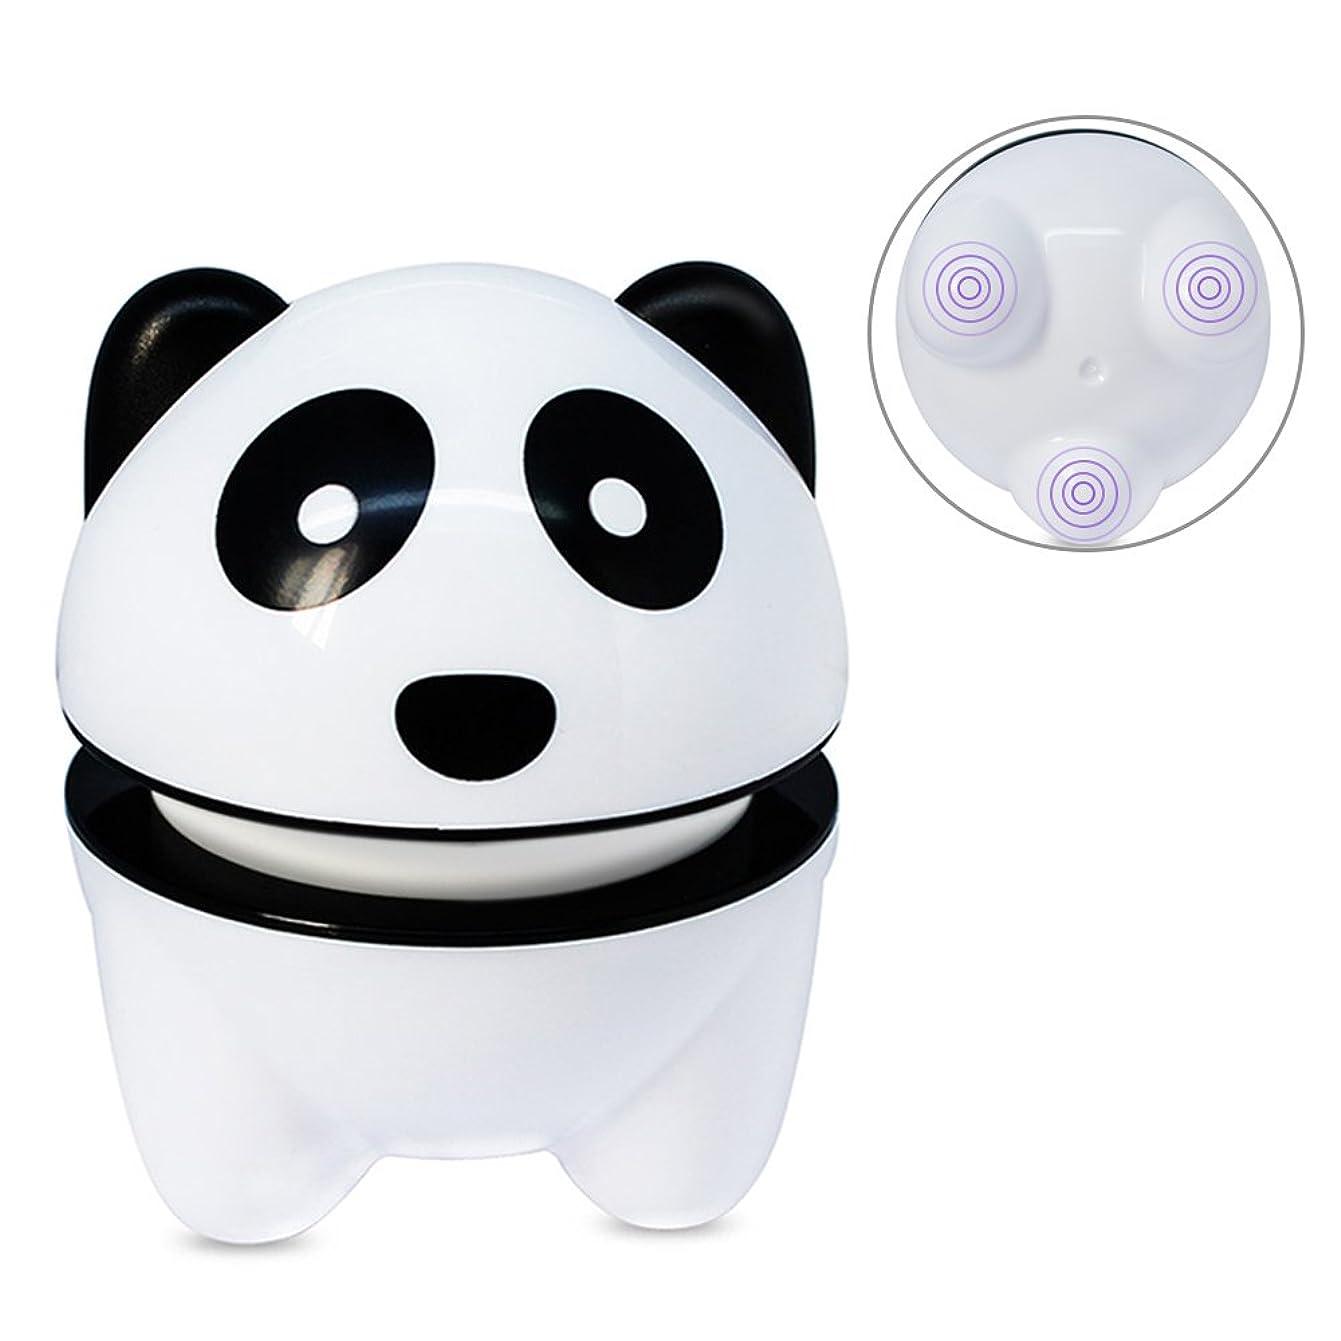 桃ノベルティクレジットSameiyi マッサージ器 ハンディマッサージャー 強力 小型 電動 可愛いパンダ 静音 肩こり 全身 USB充電 プレゼント